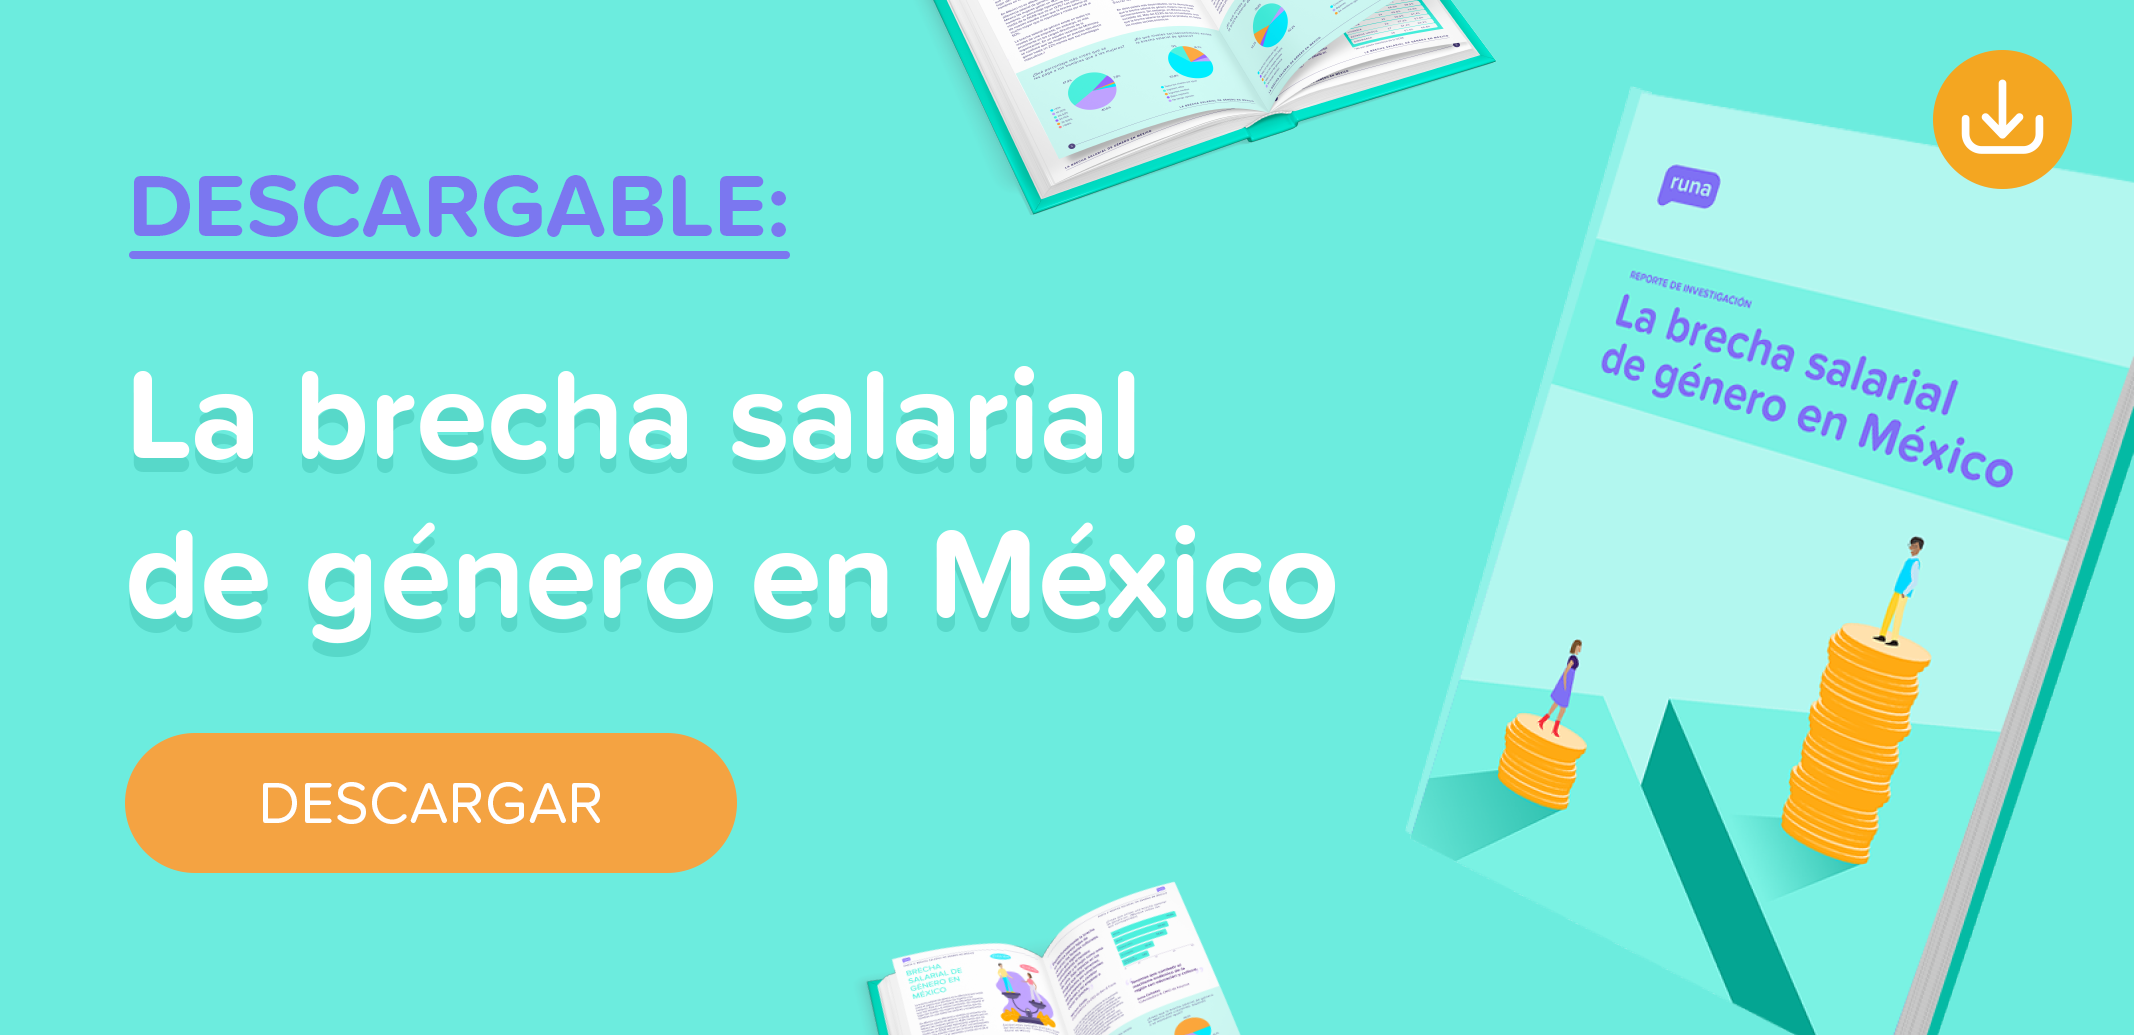 La brecha salarial de género en México | Runa HR